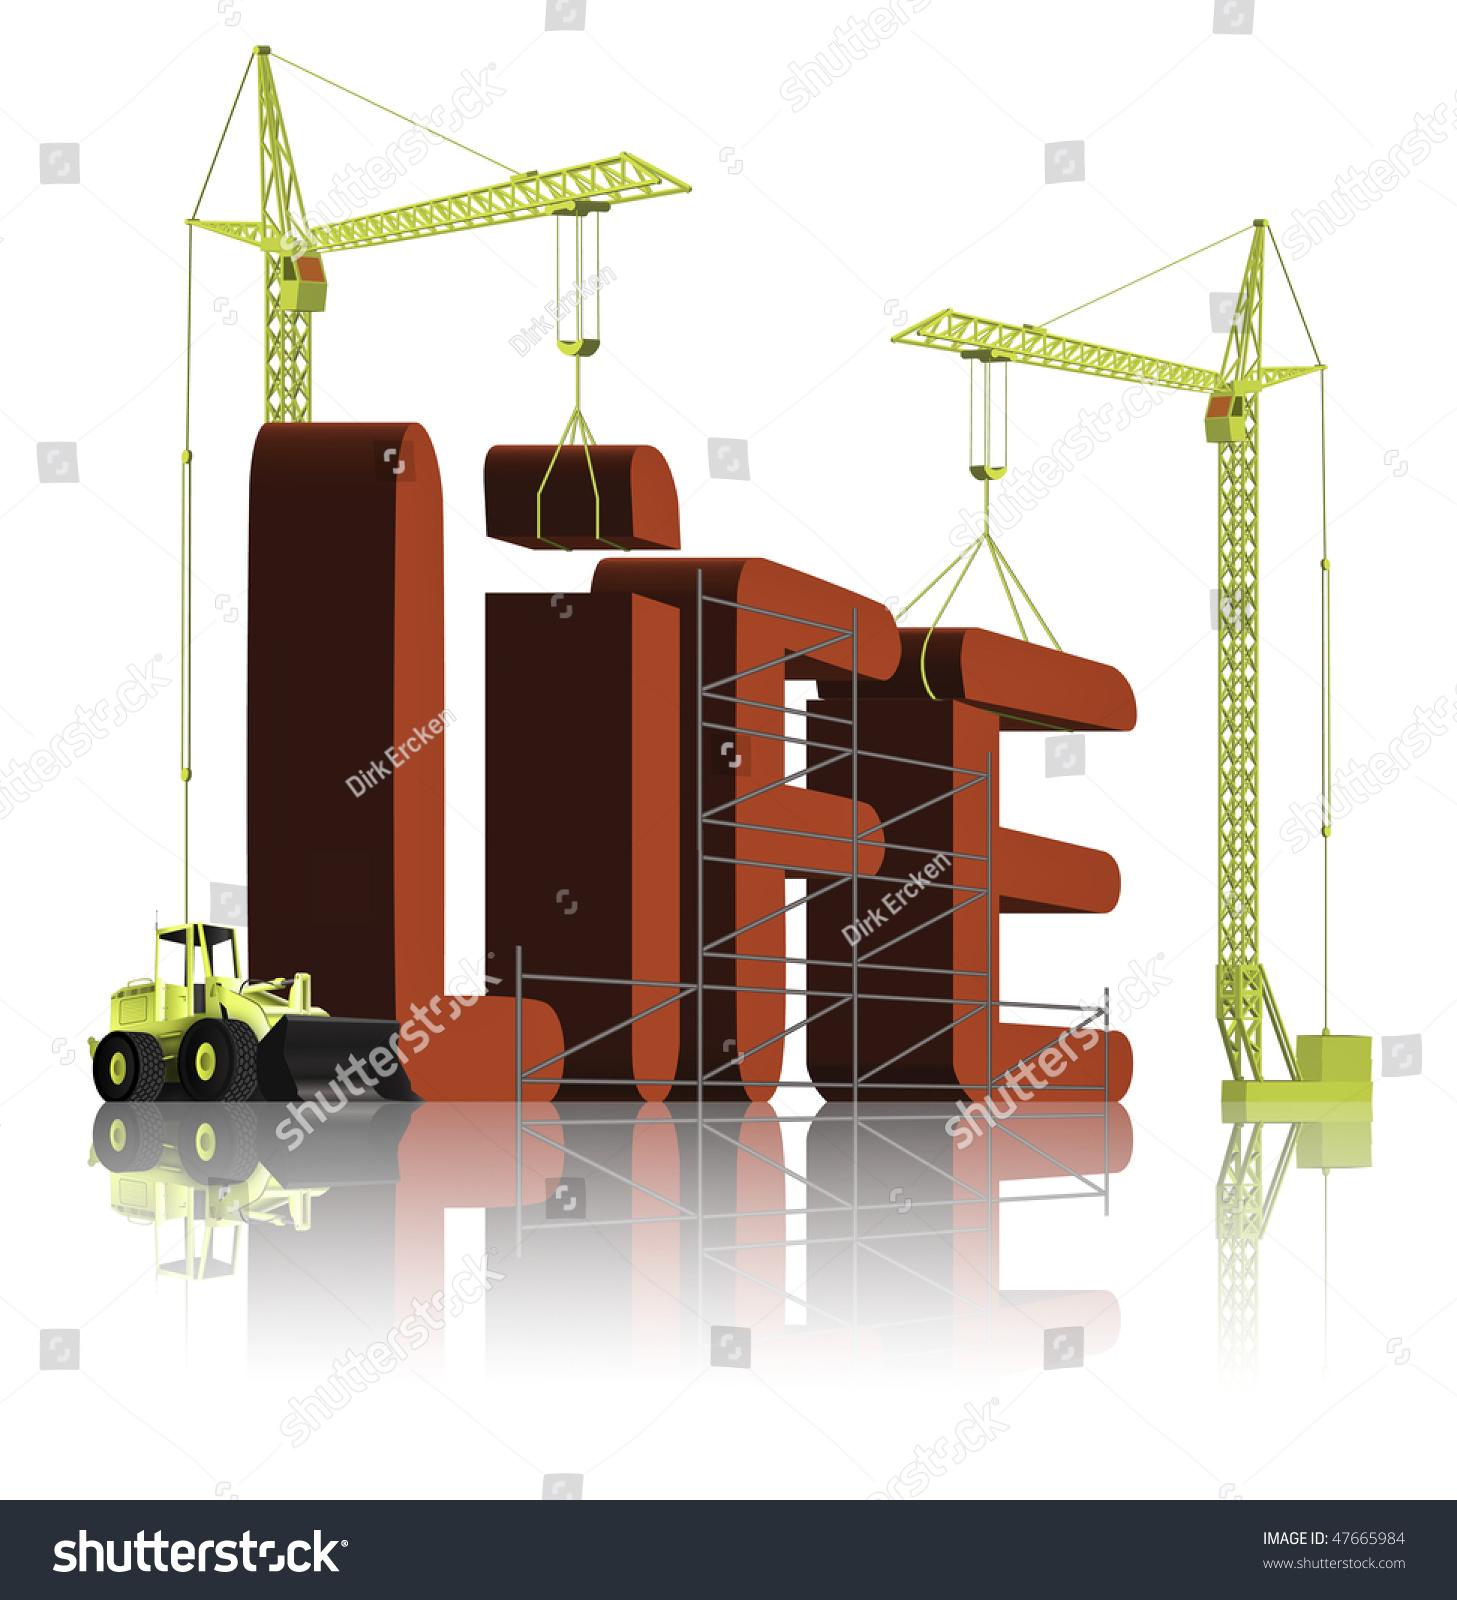 build your life get job career stock illustration 47665984 build your life get a job a career a family a hobby enjoy